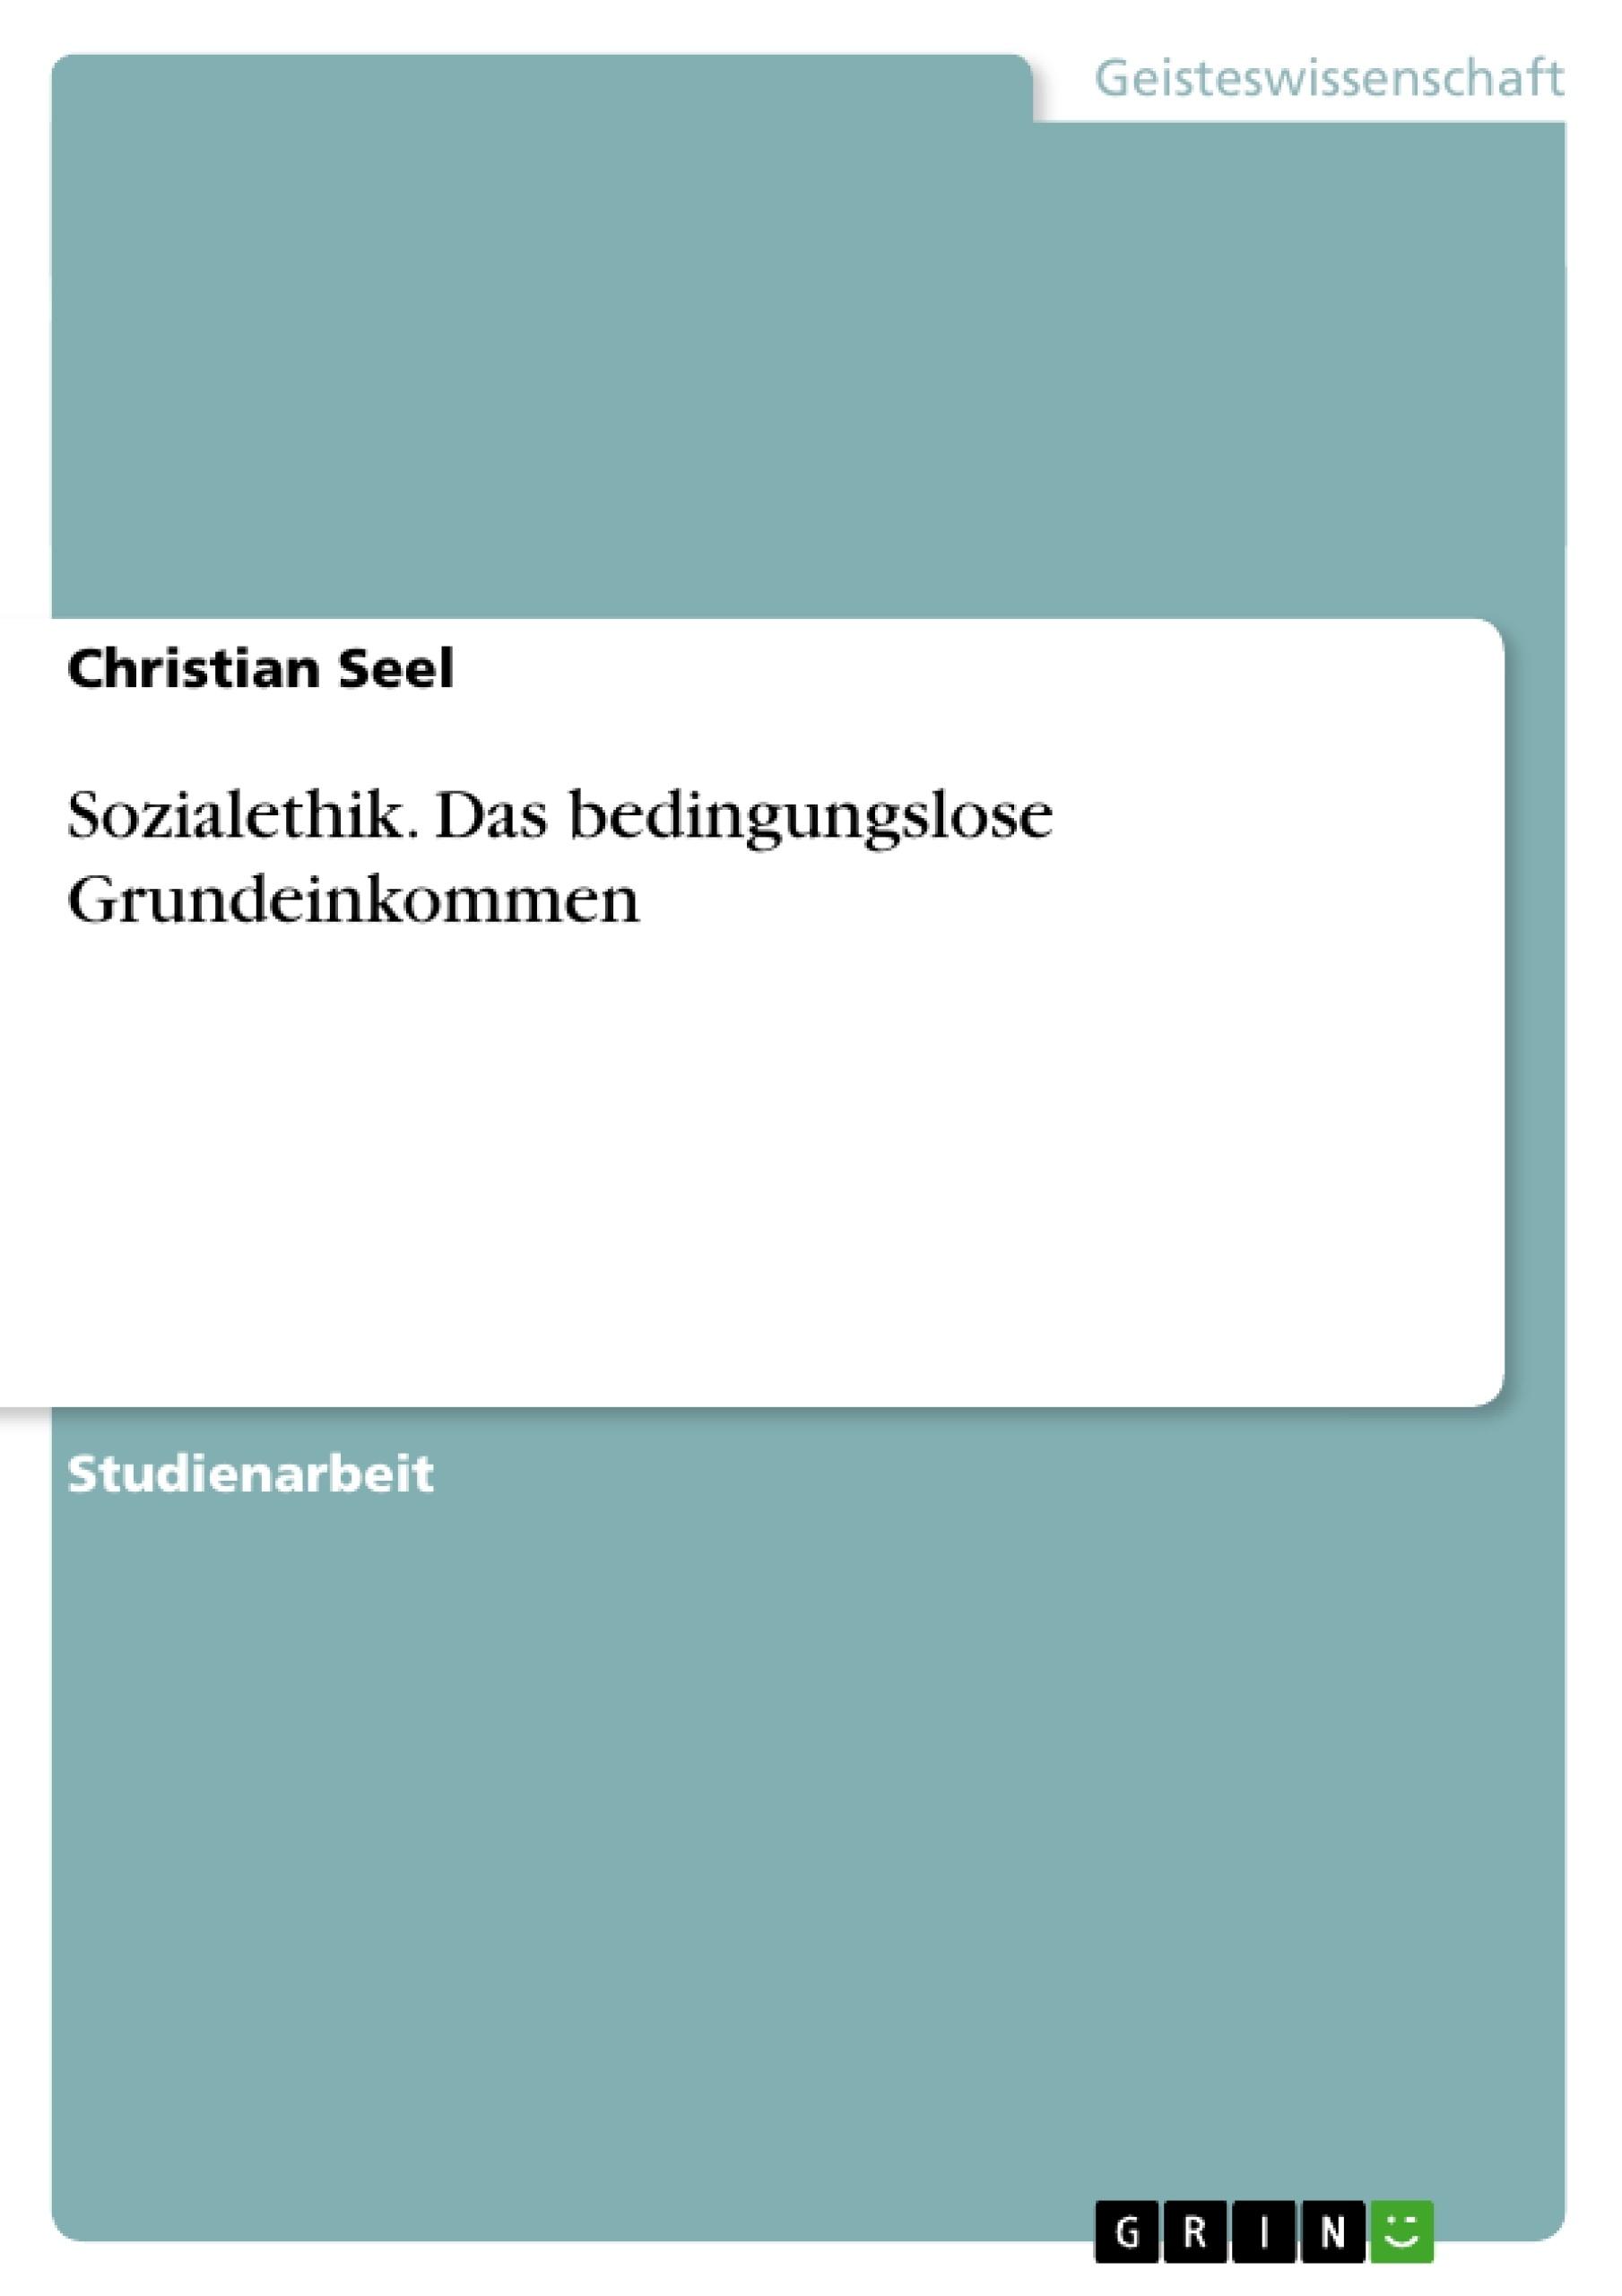 Titel: Sozialethik. Das bedingungslose Grundeinkommen